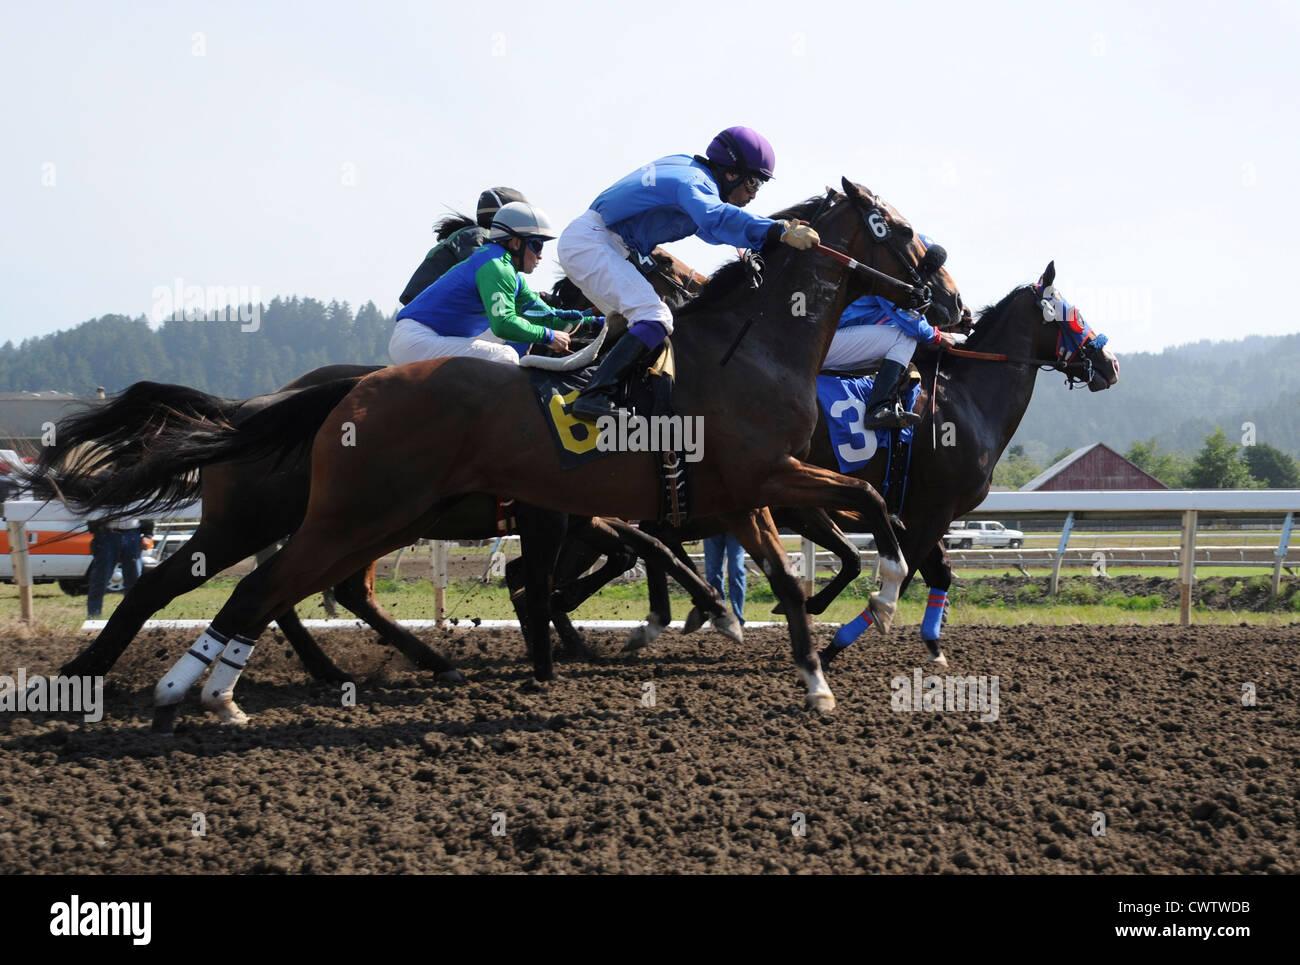 Corse di cavalli alla Humboldt County Fairgrounds in Ferndale, California Immagini Stock